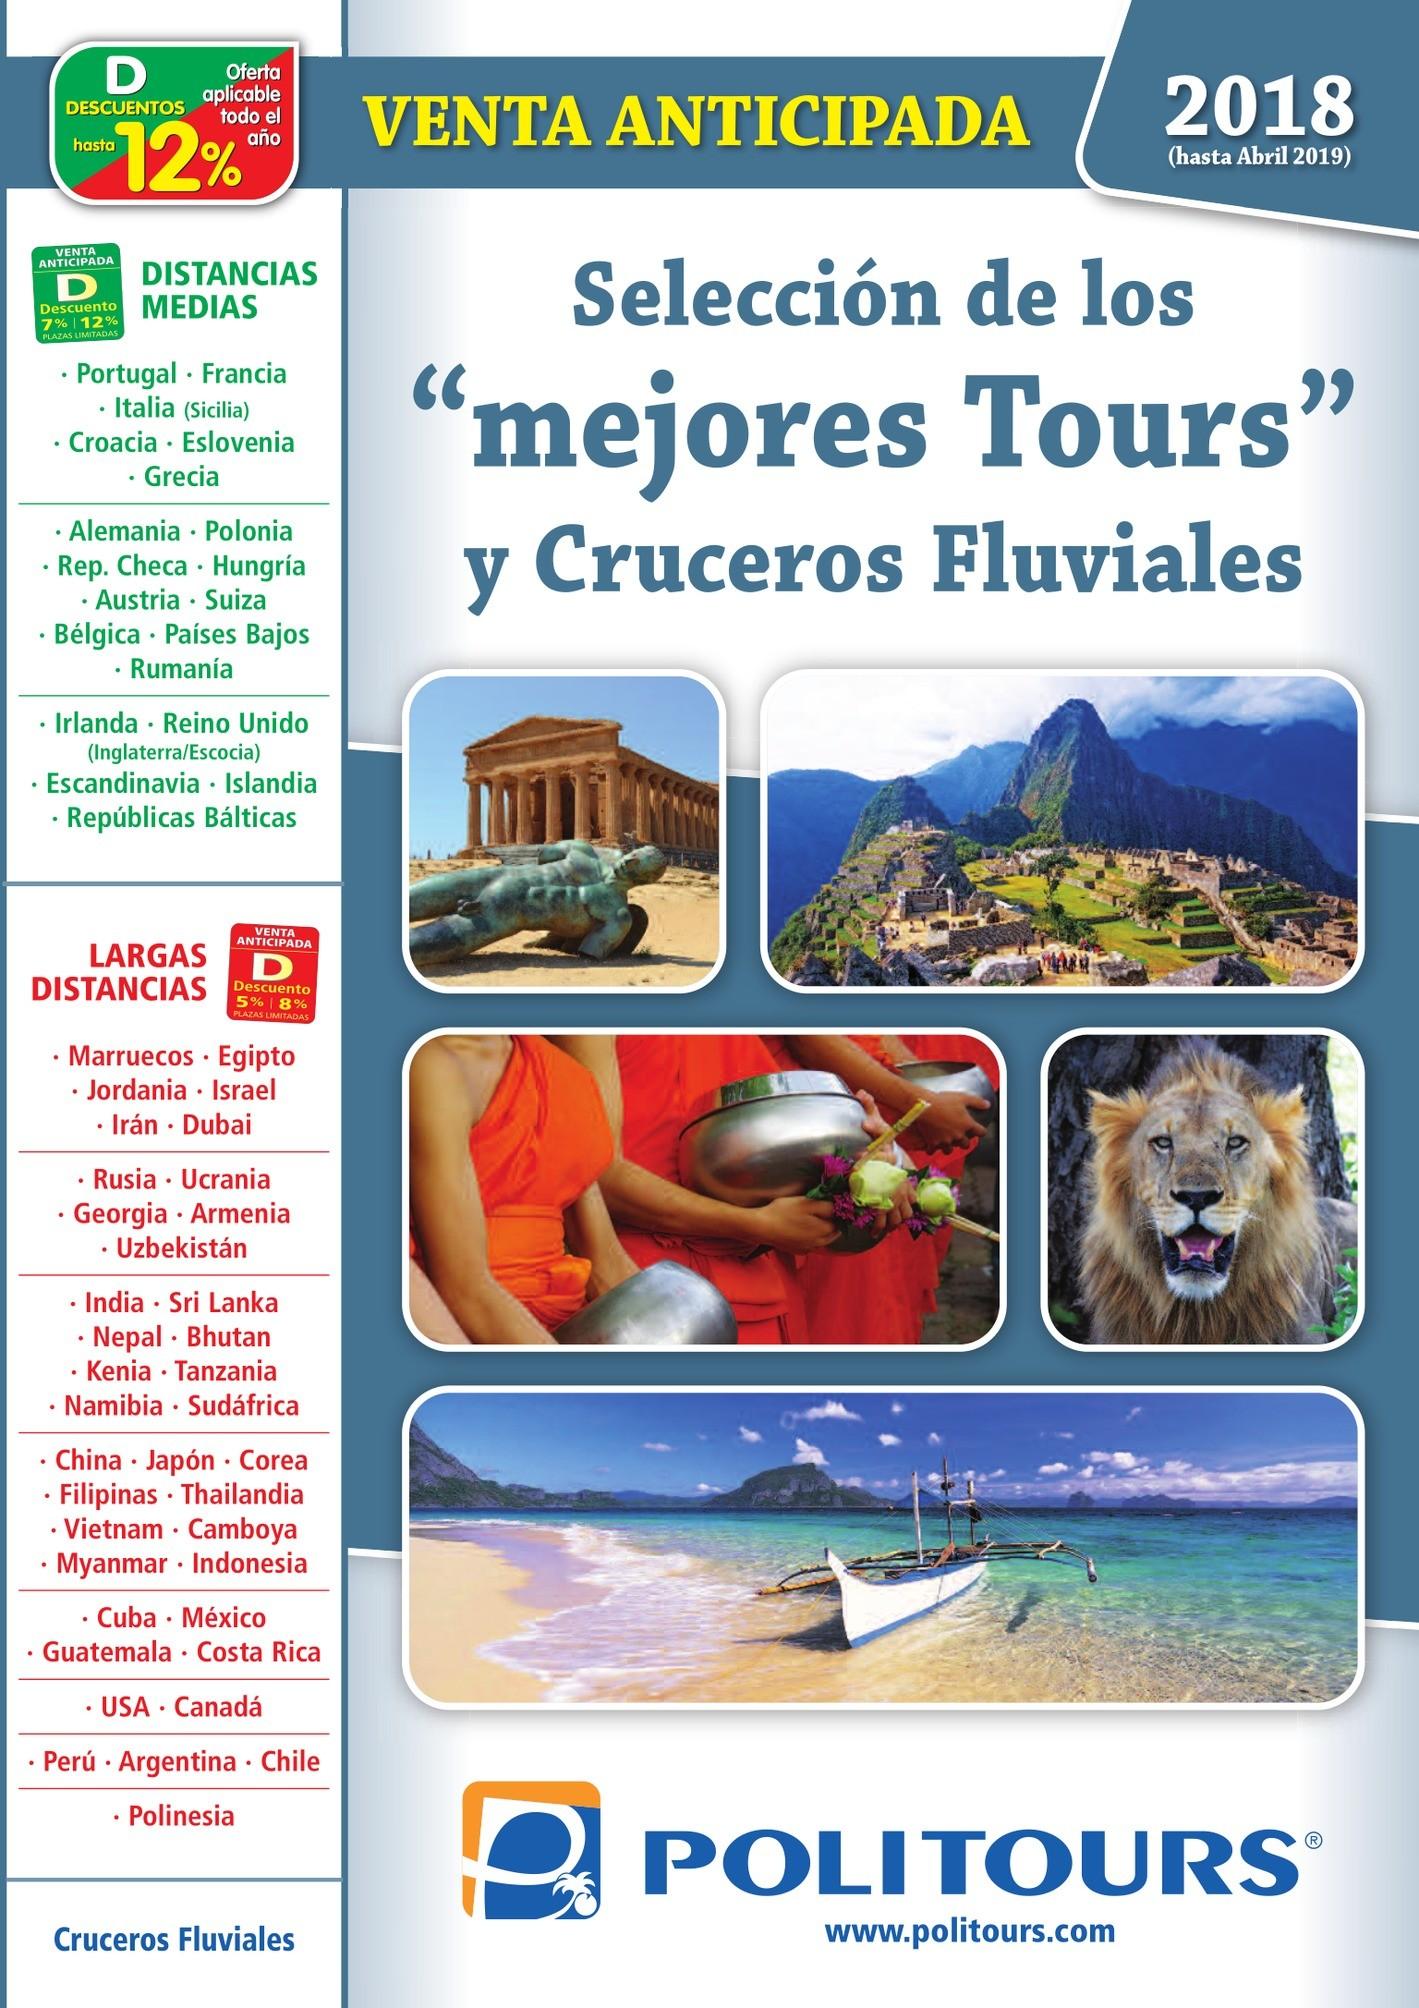 Calendario 2019 Portugal Carnaval Más Recientemente Liberado Politours Selecci³n De Los Mejores tours Y Cruceros Fluviales